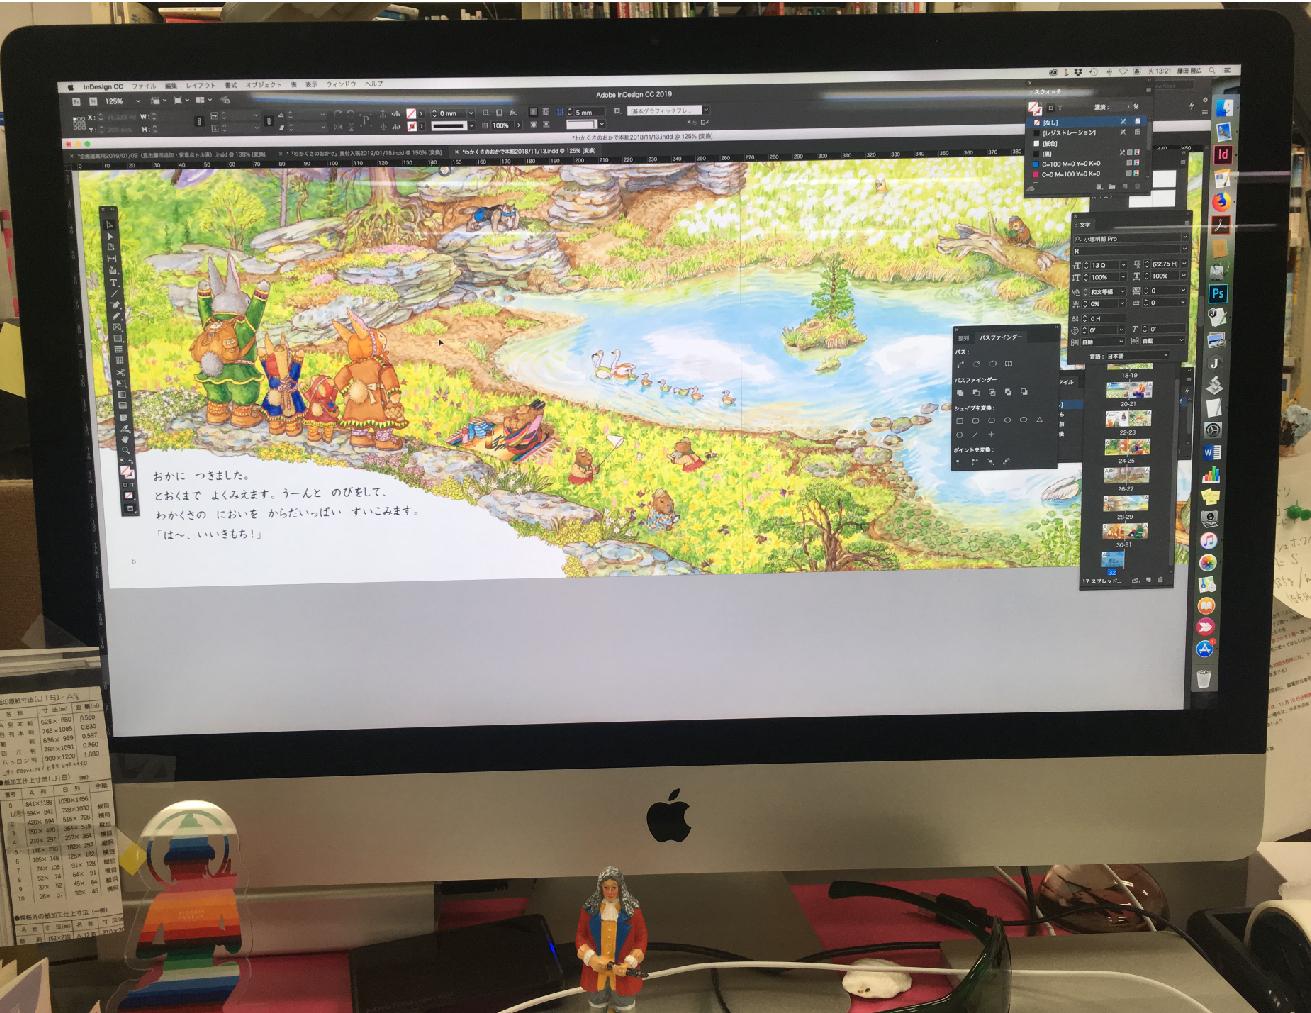 パソコンの画面にうつされた原画のデータ